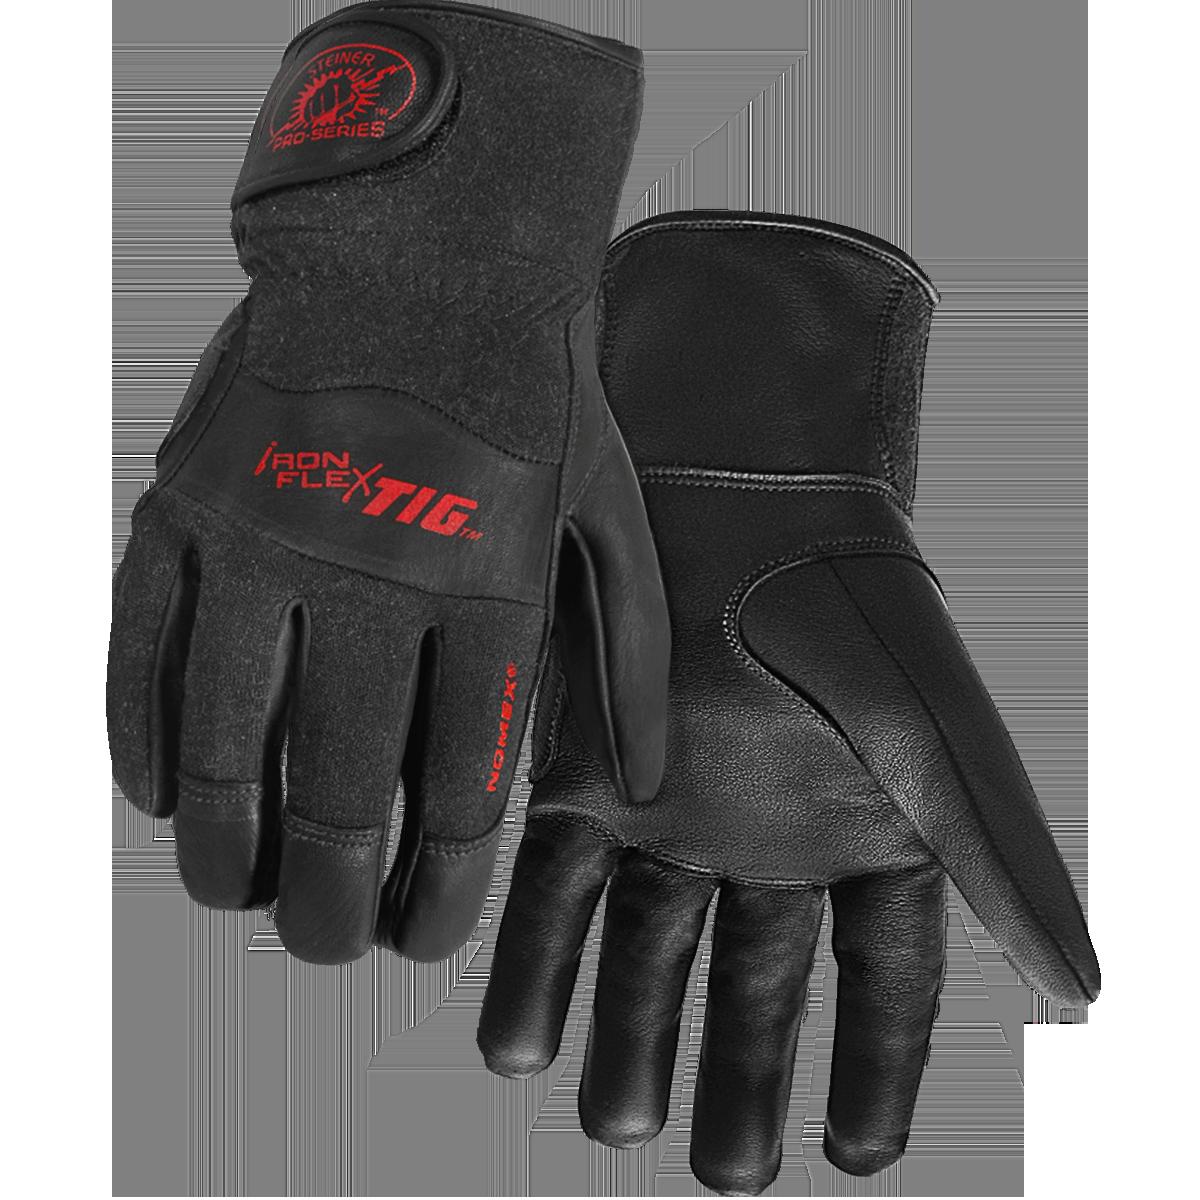 Glove clipart welding glove. Tig steiner industries pro